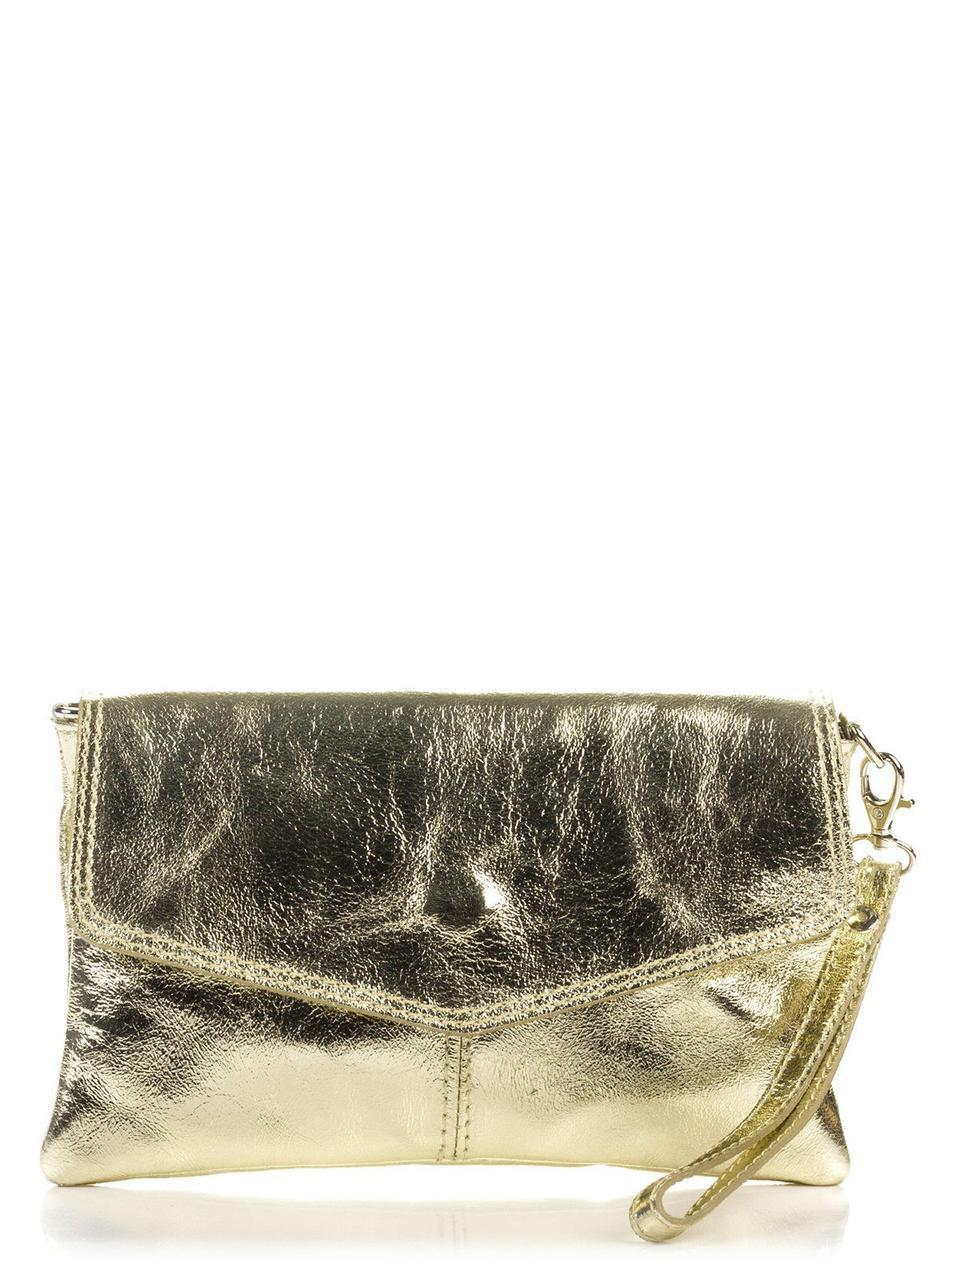 Итальянская сумка DIANA Diva's Bag цвет золотой